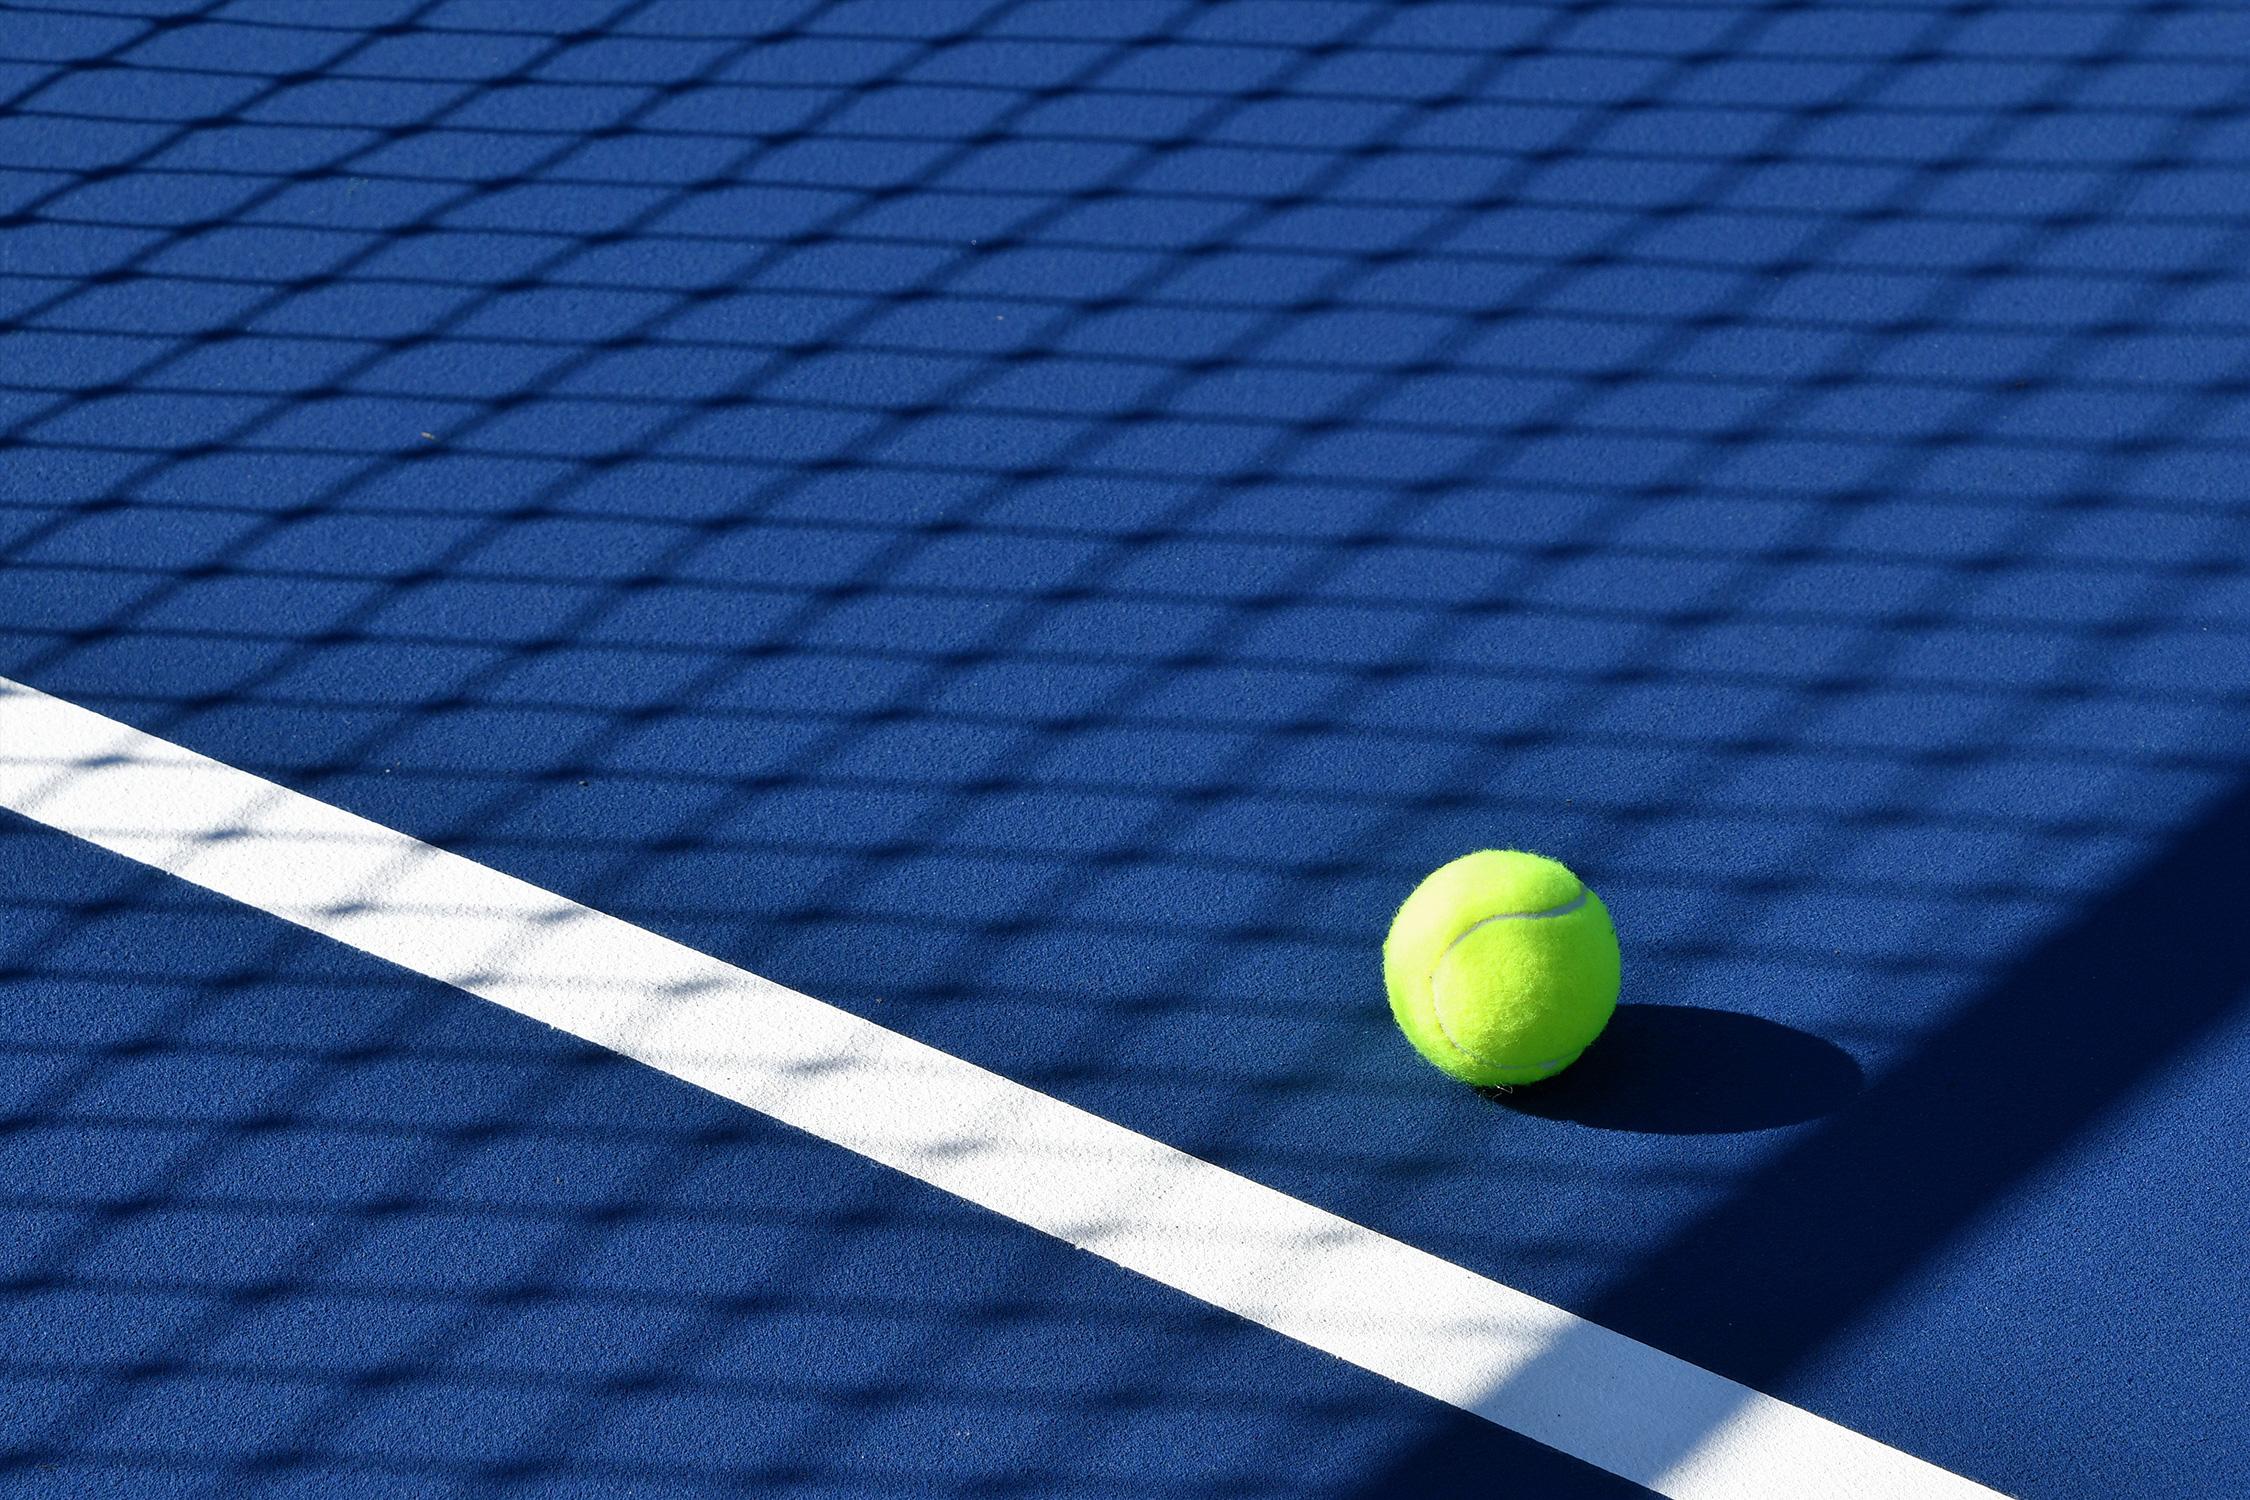 El Libro Amarillo Tendencias de Color Primavera 2021 Azul Cobalto pelota de tennis